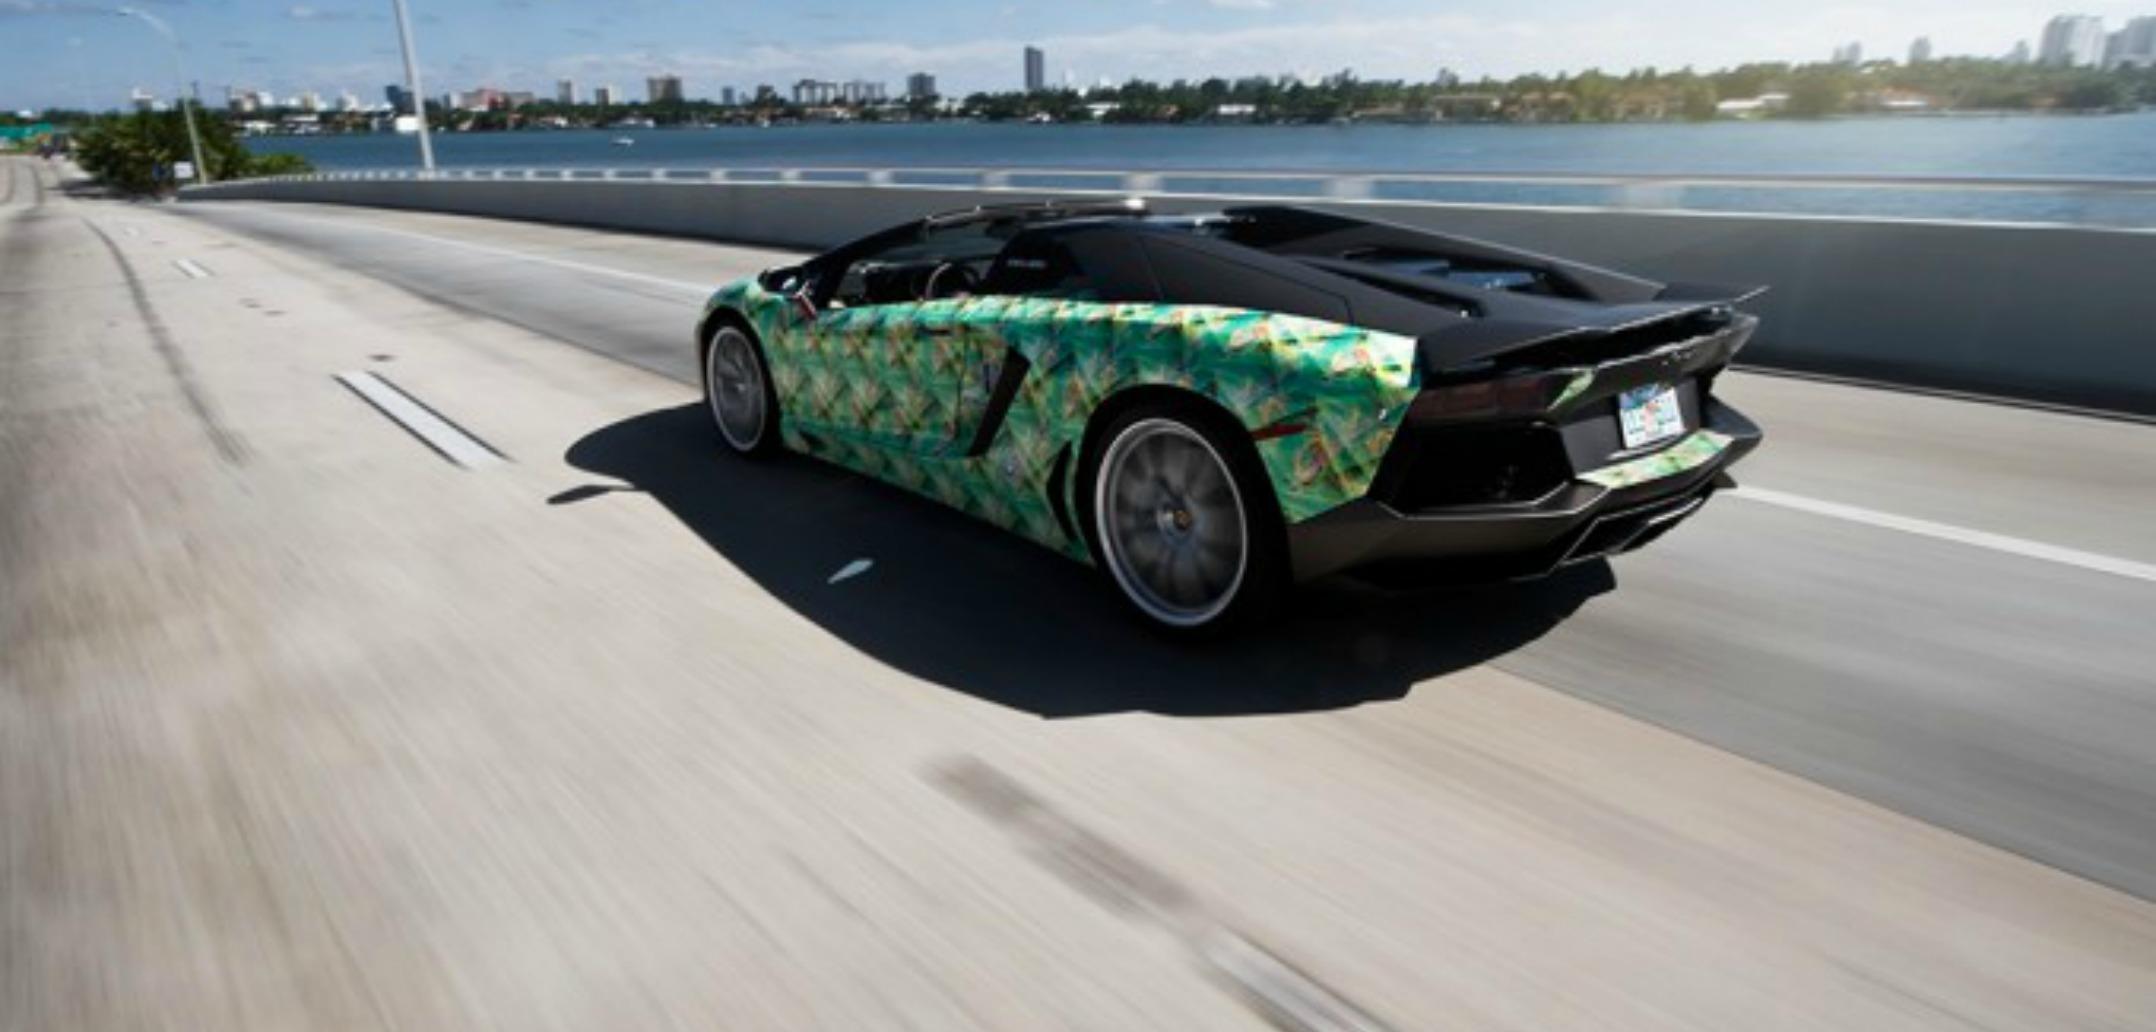 #2. Lamborghini Aventador II